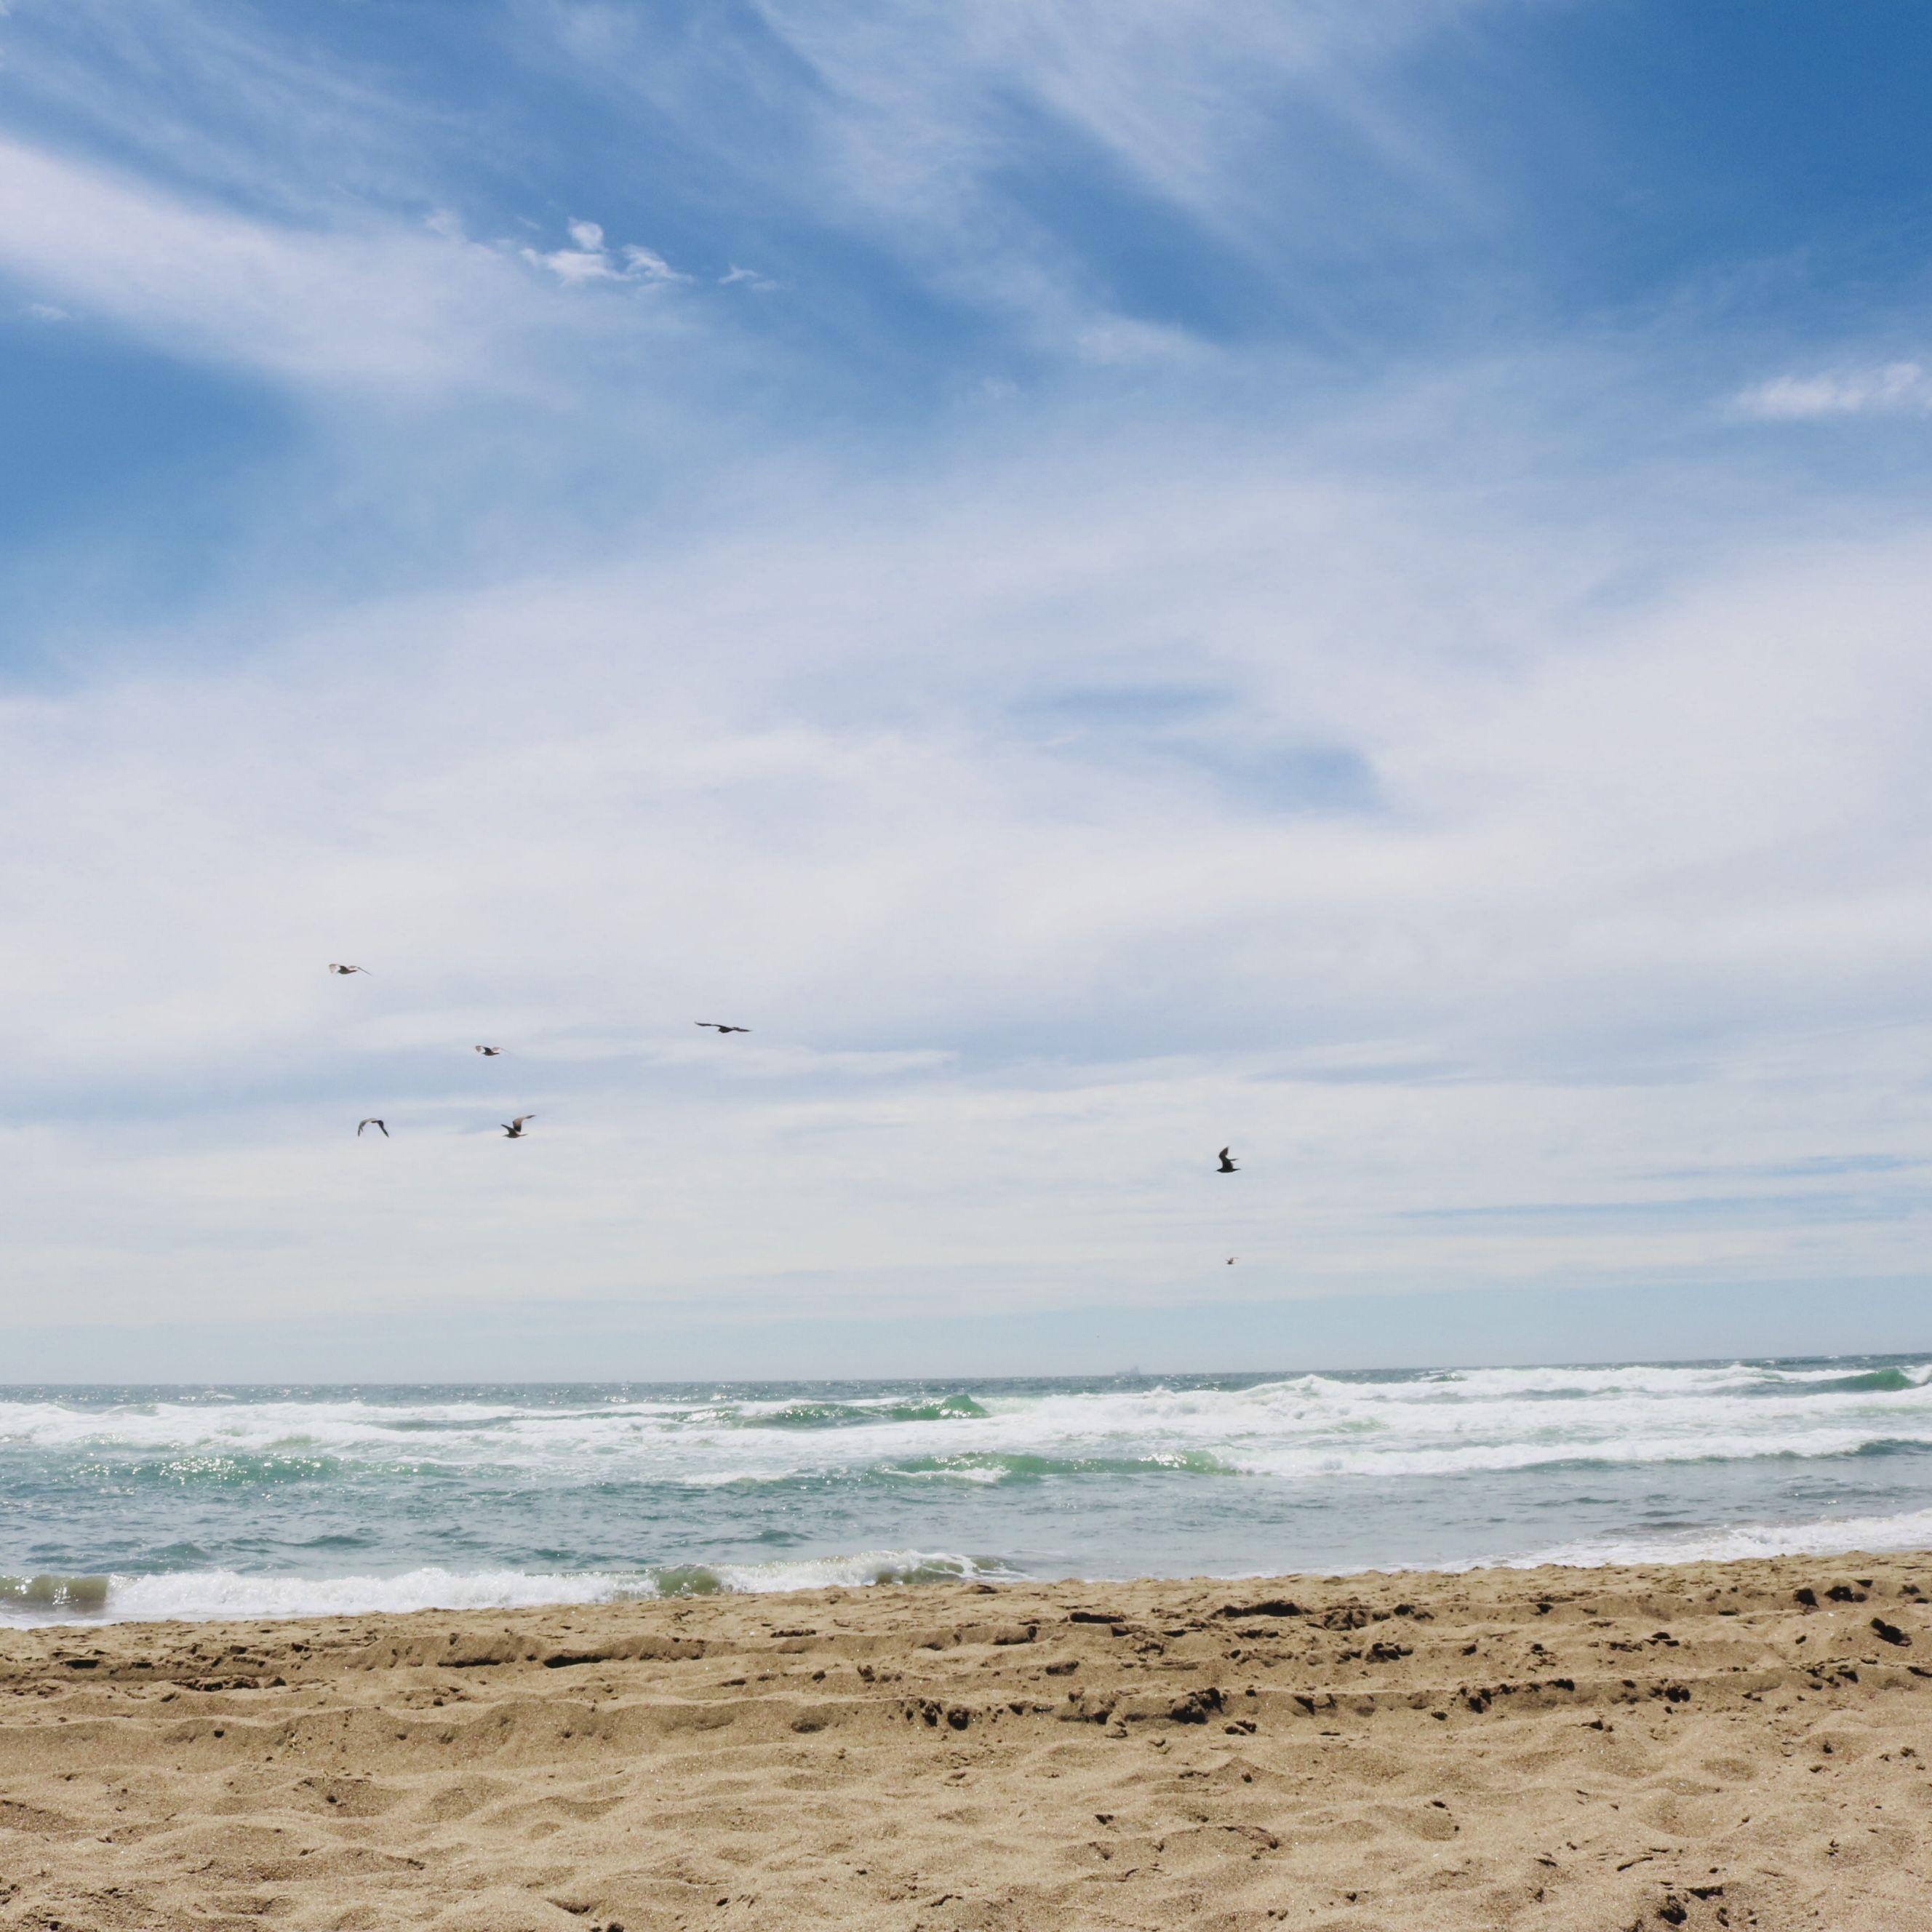 San Francisco Beaches. Beaches in San Francisco? You bet!